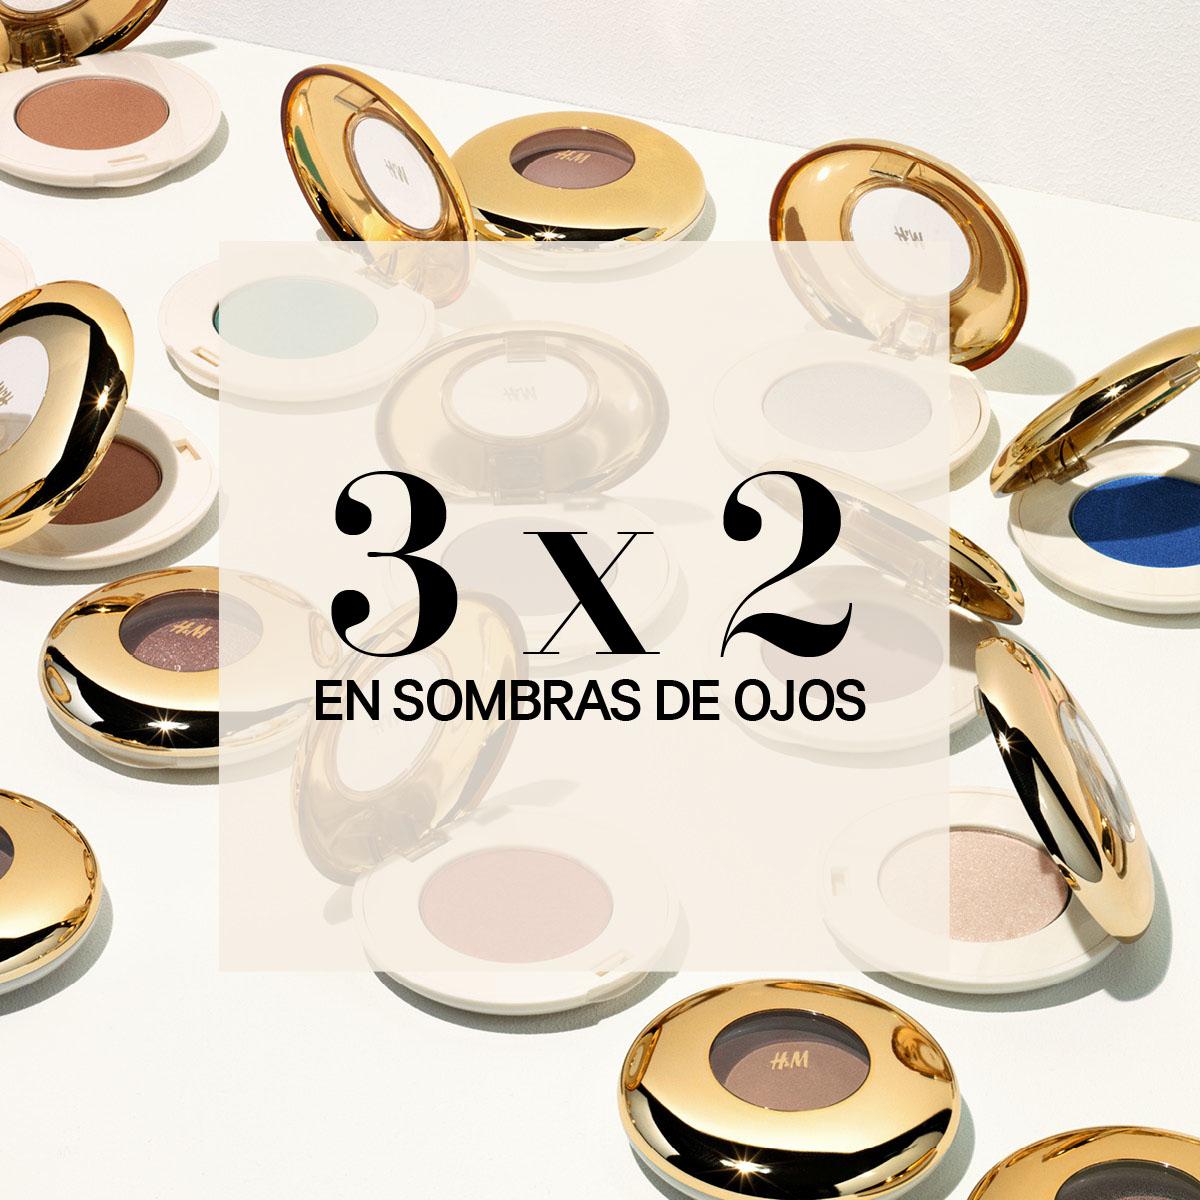 3x2-sombreas-ojos